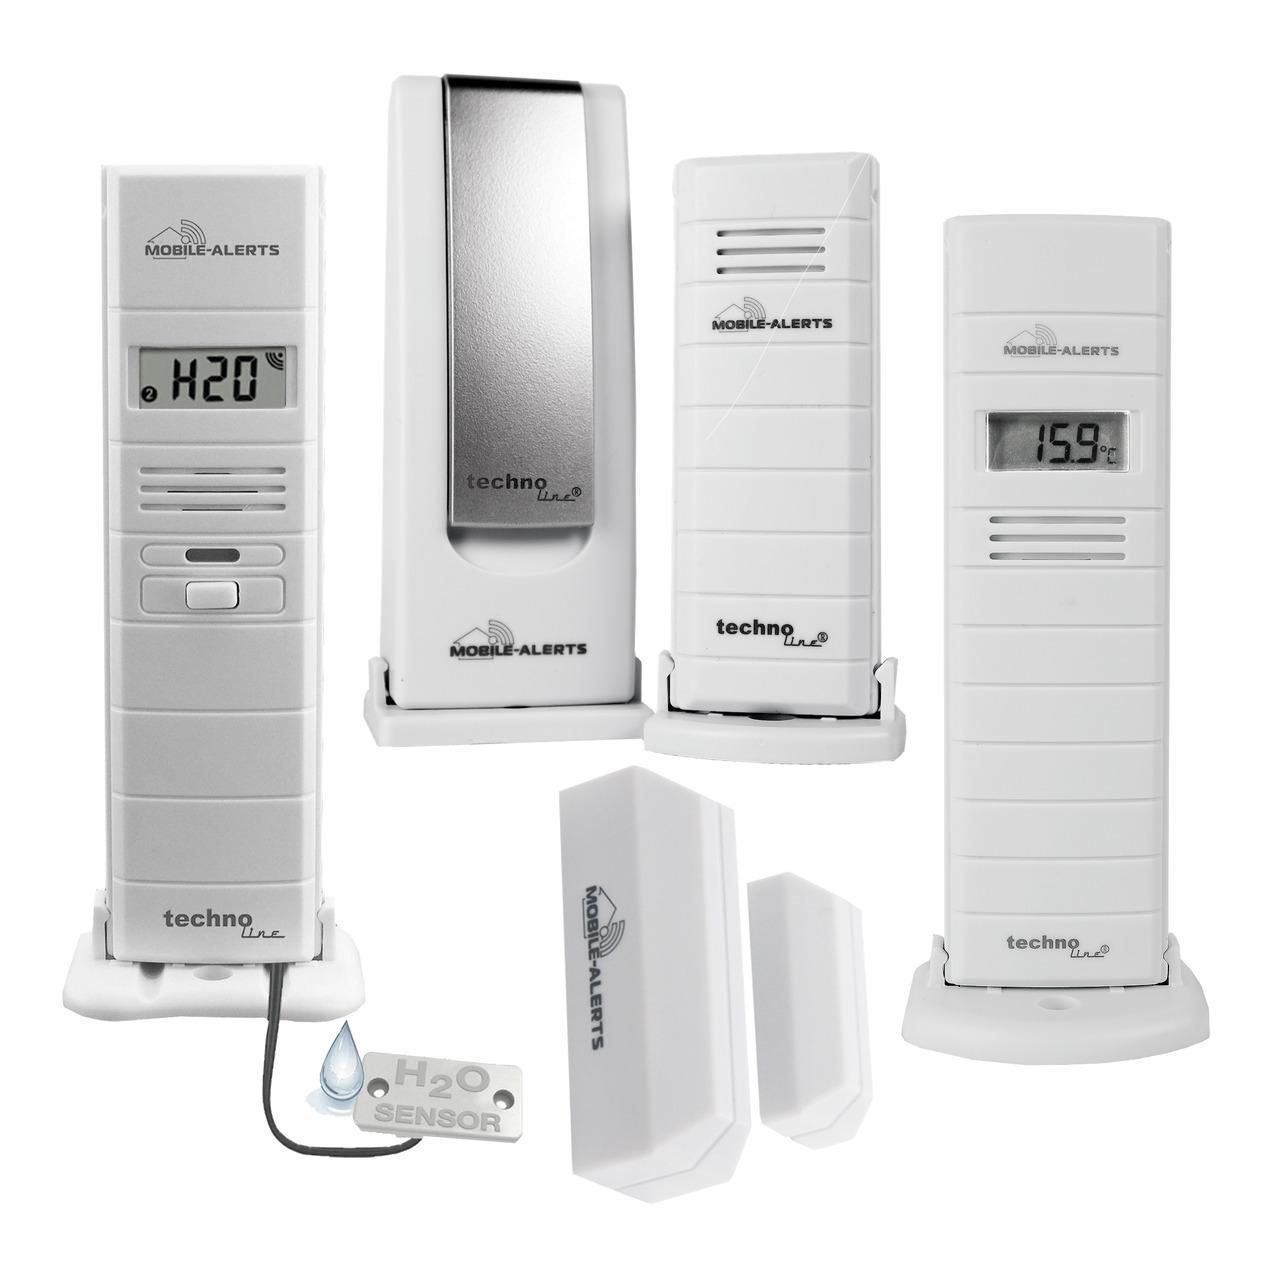 ELV Mobile Alerts Wetterset (Gateway- Temperatusensor- 2x Thermo-Hygrosensor- Fensterkontakt)